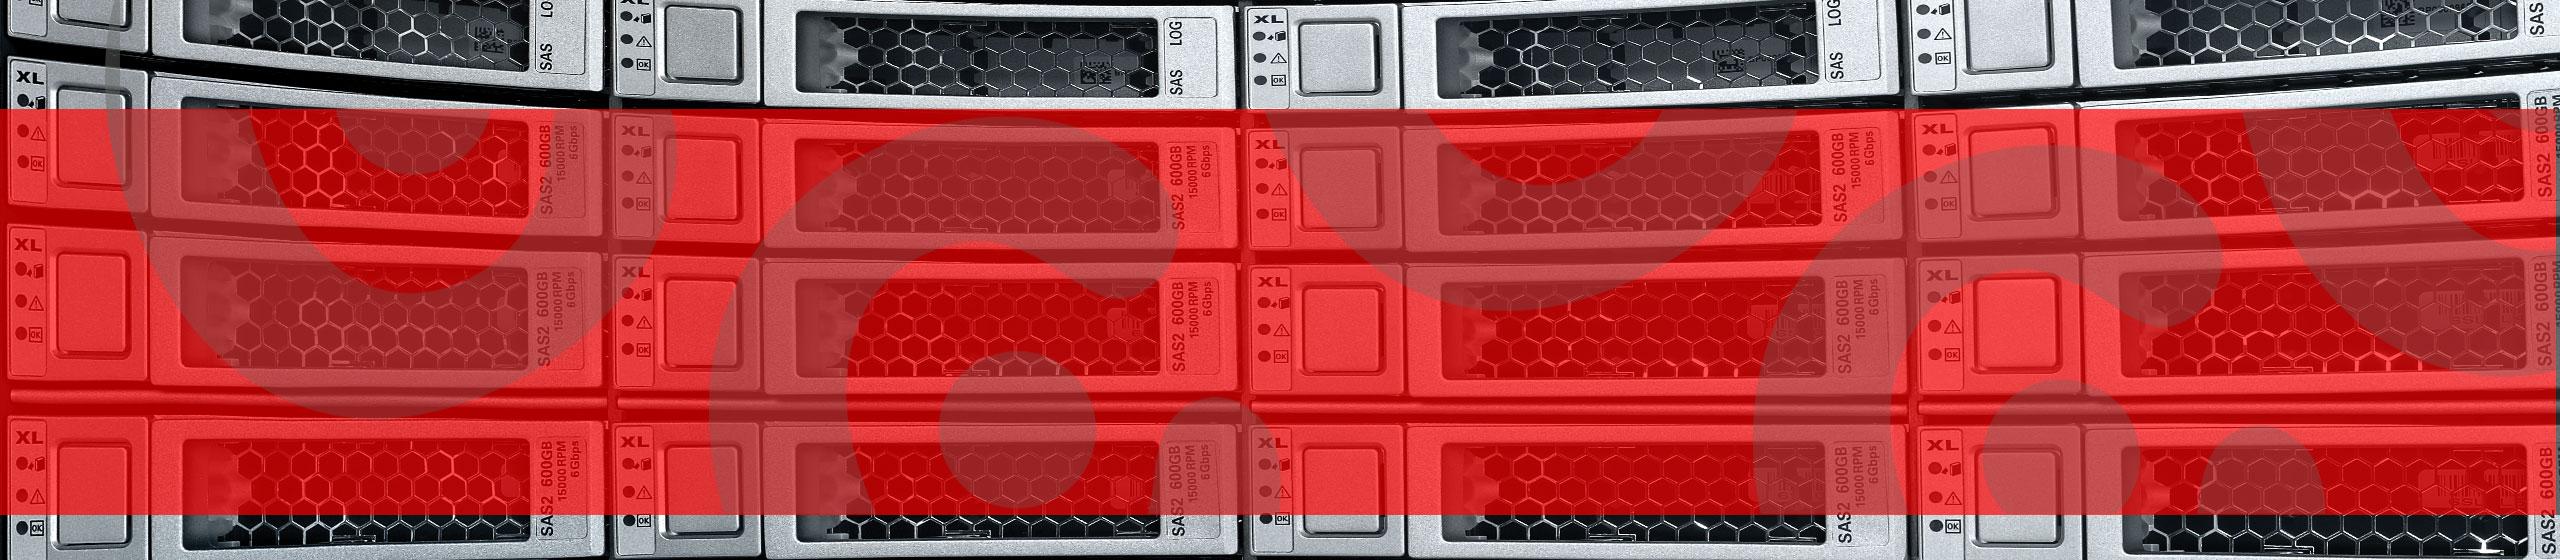 Optimera dina databaser med Savecore